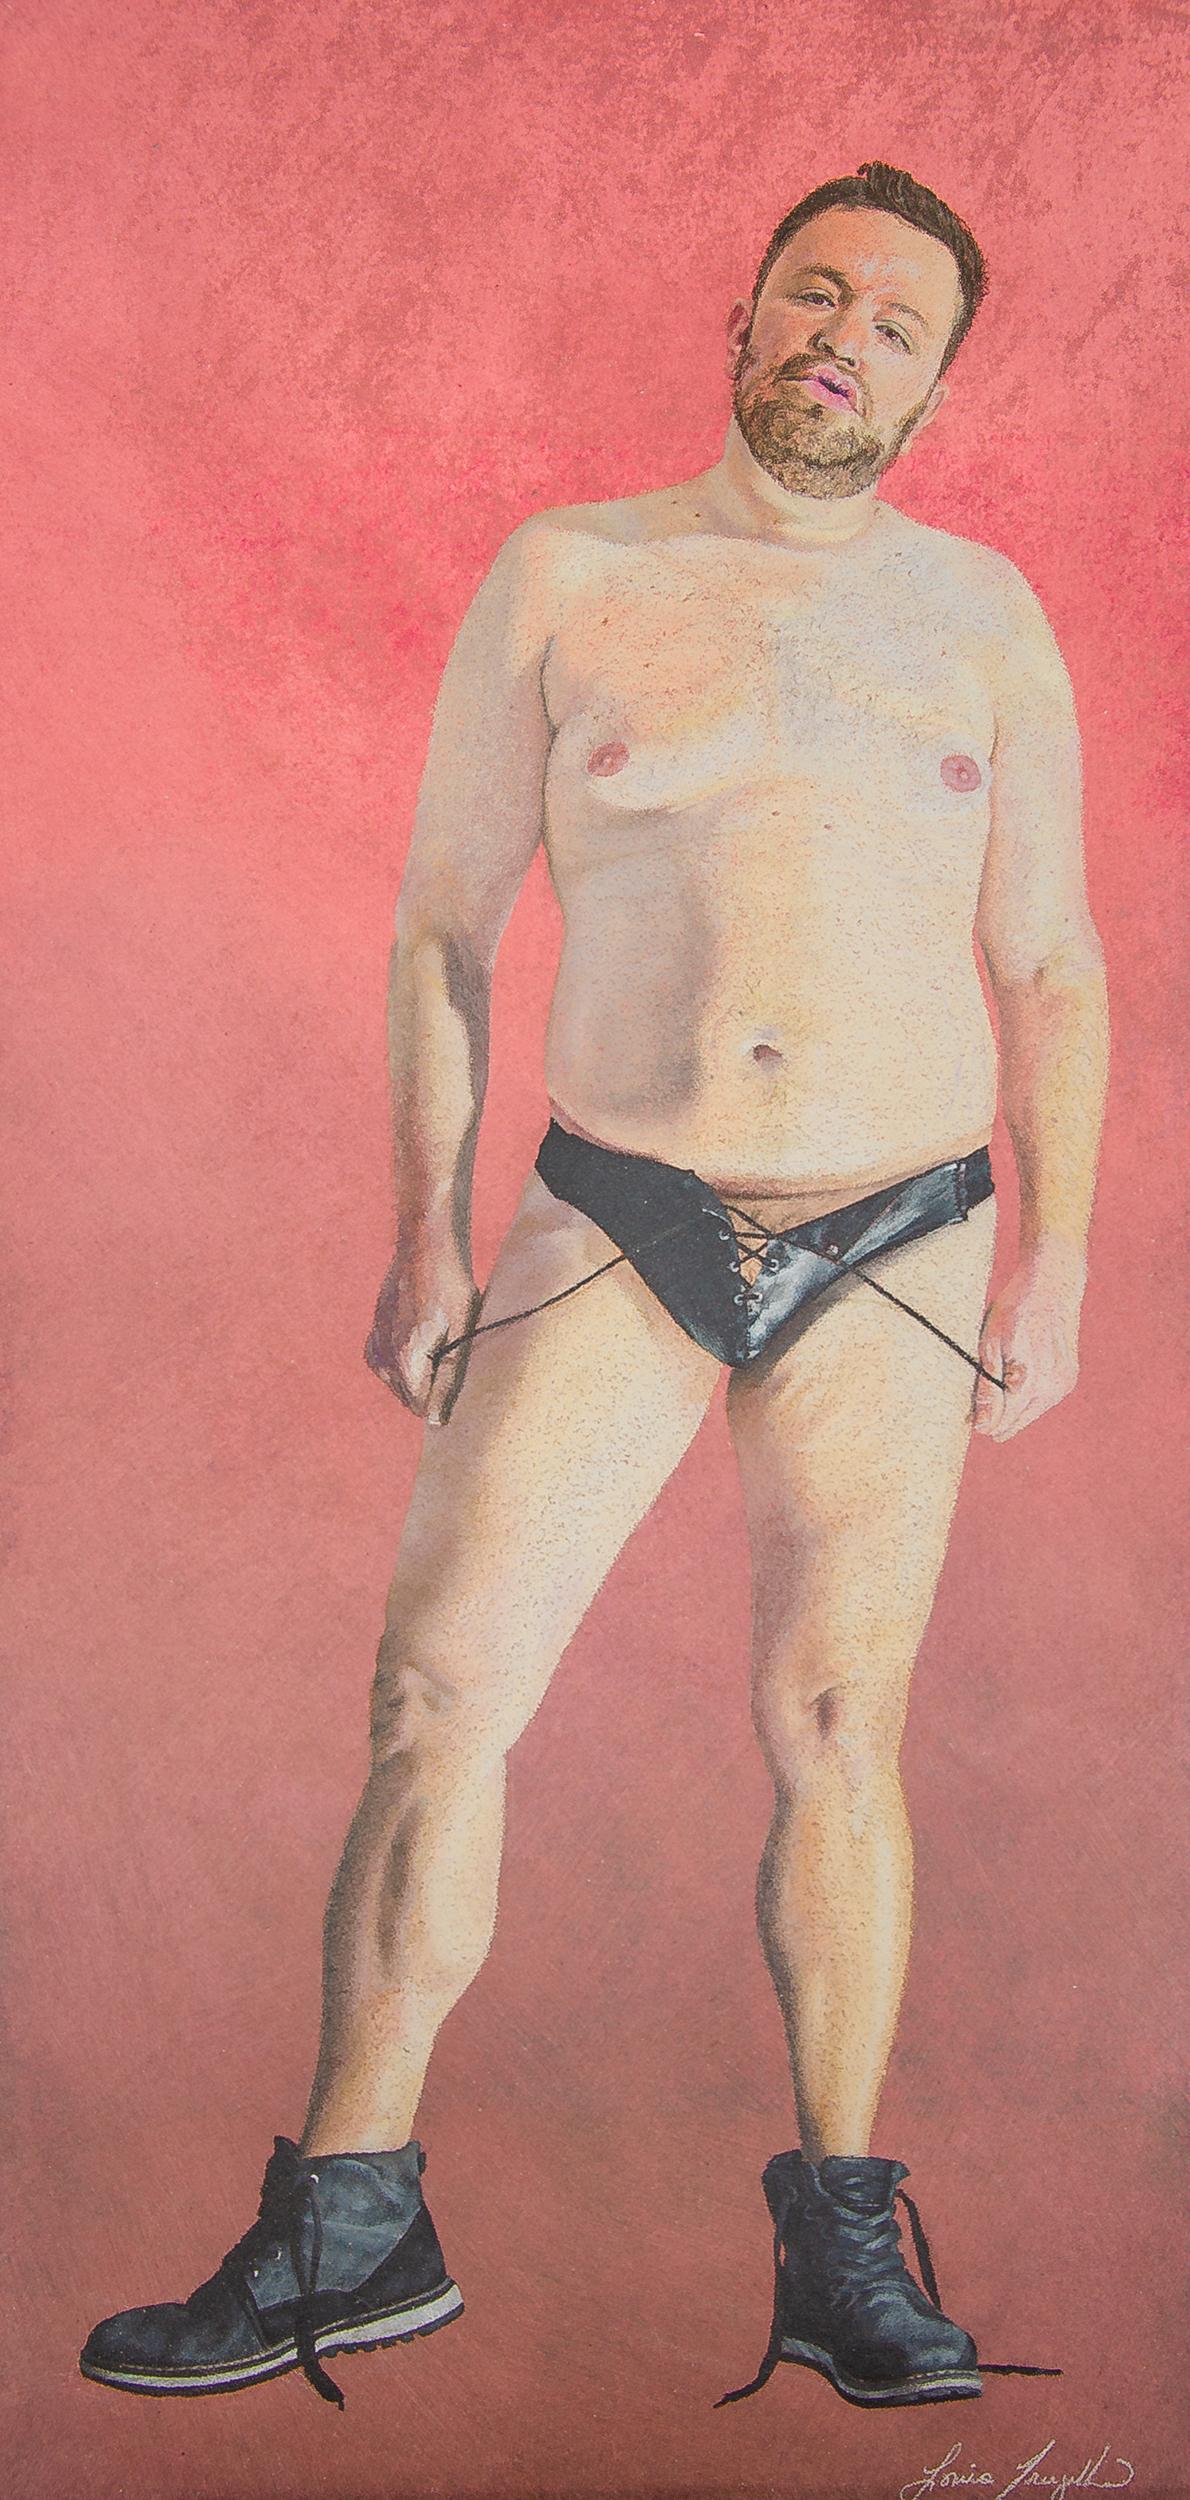 Louis Trujillo_Leather.jpg